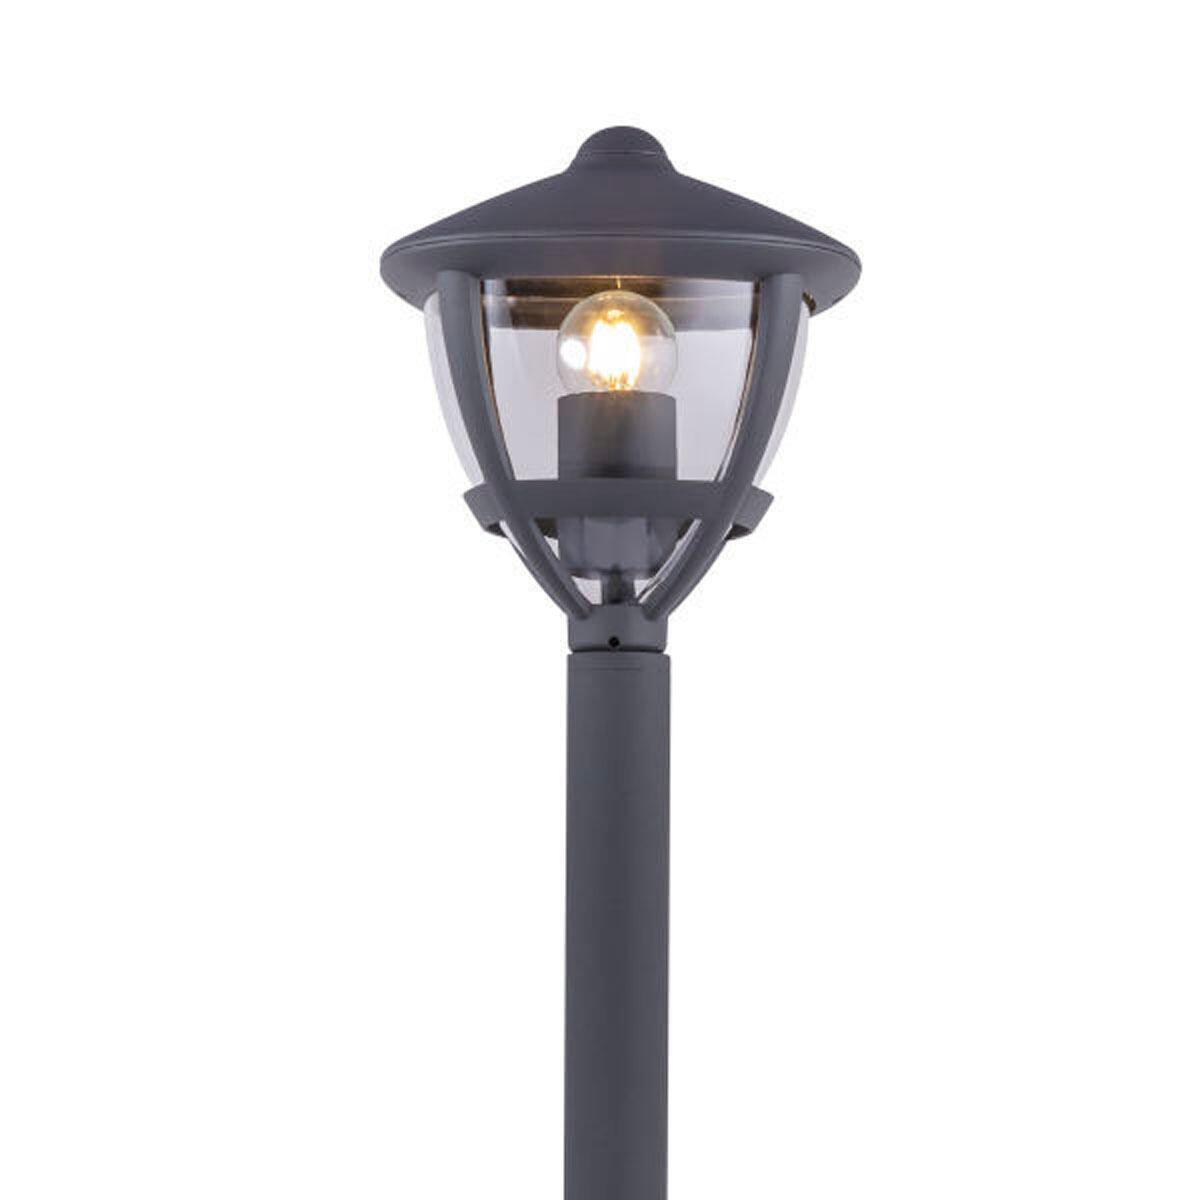 Lampione Nollo H100 cm in alluminio, antracite, E27 1x MAX 40W IP44 GLOBO - 3